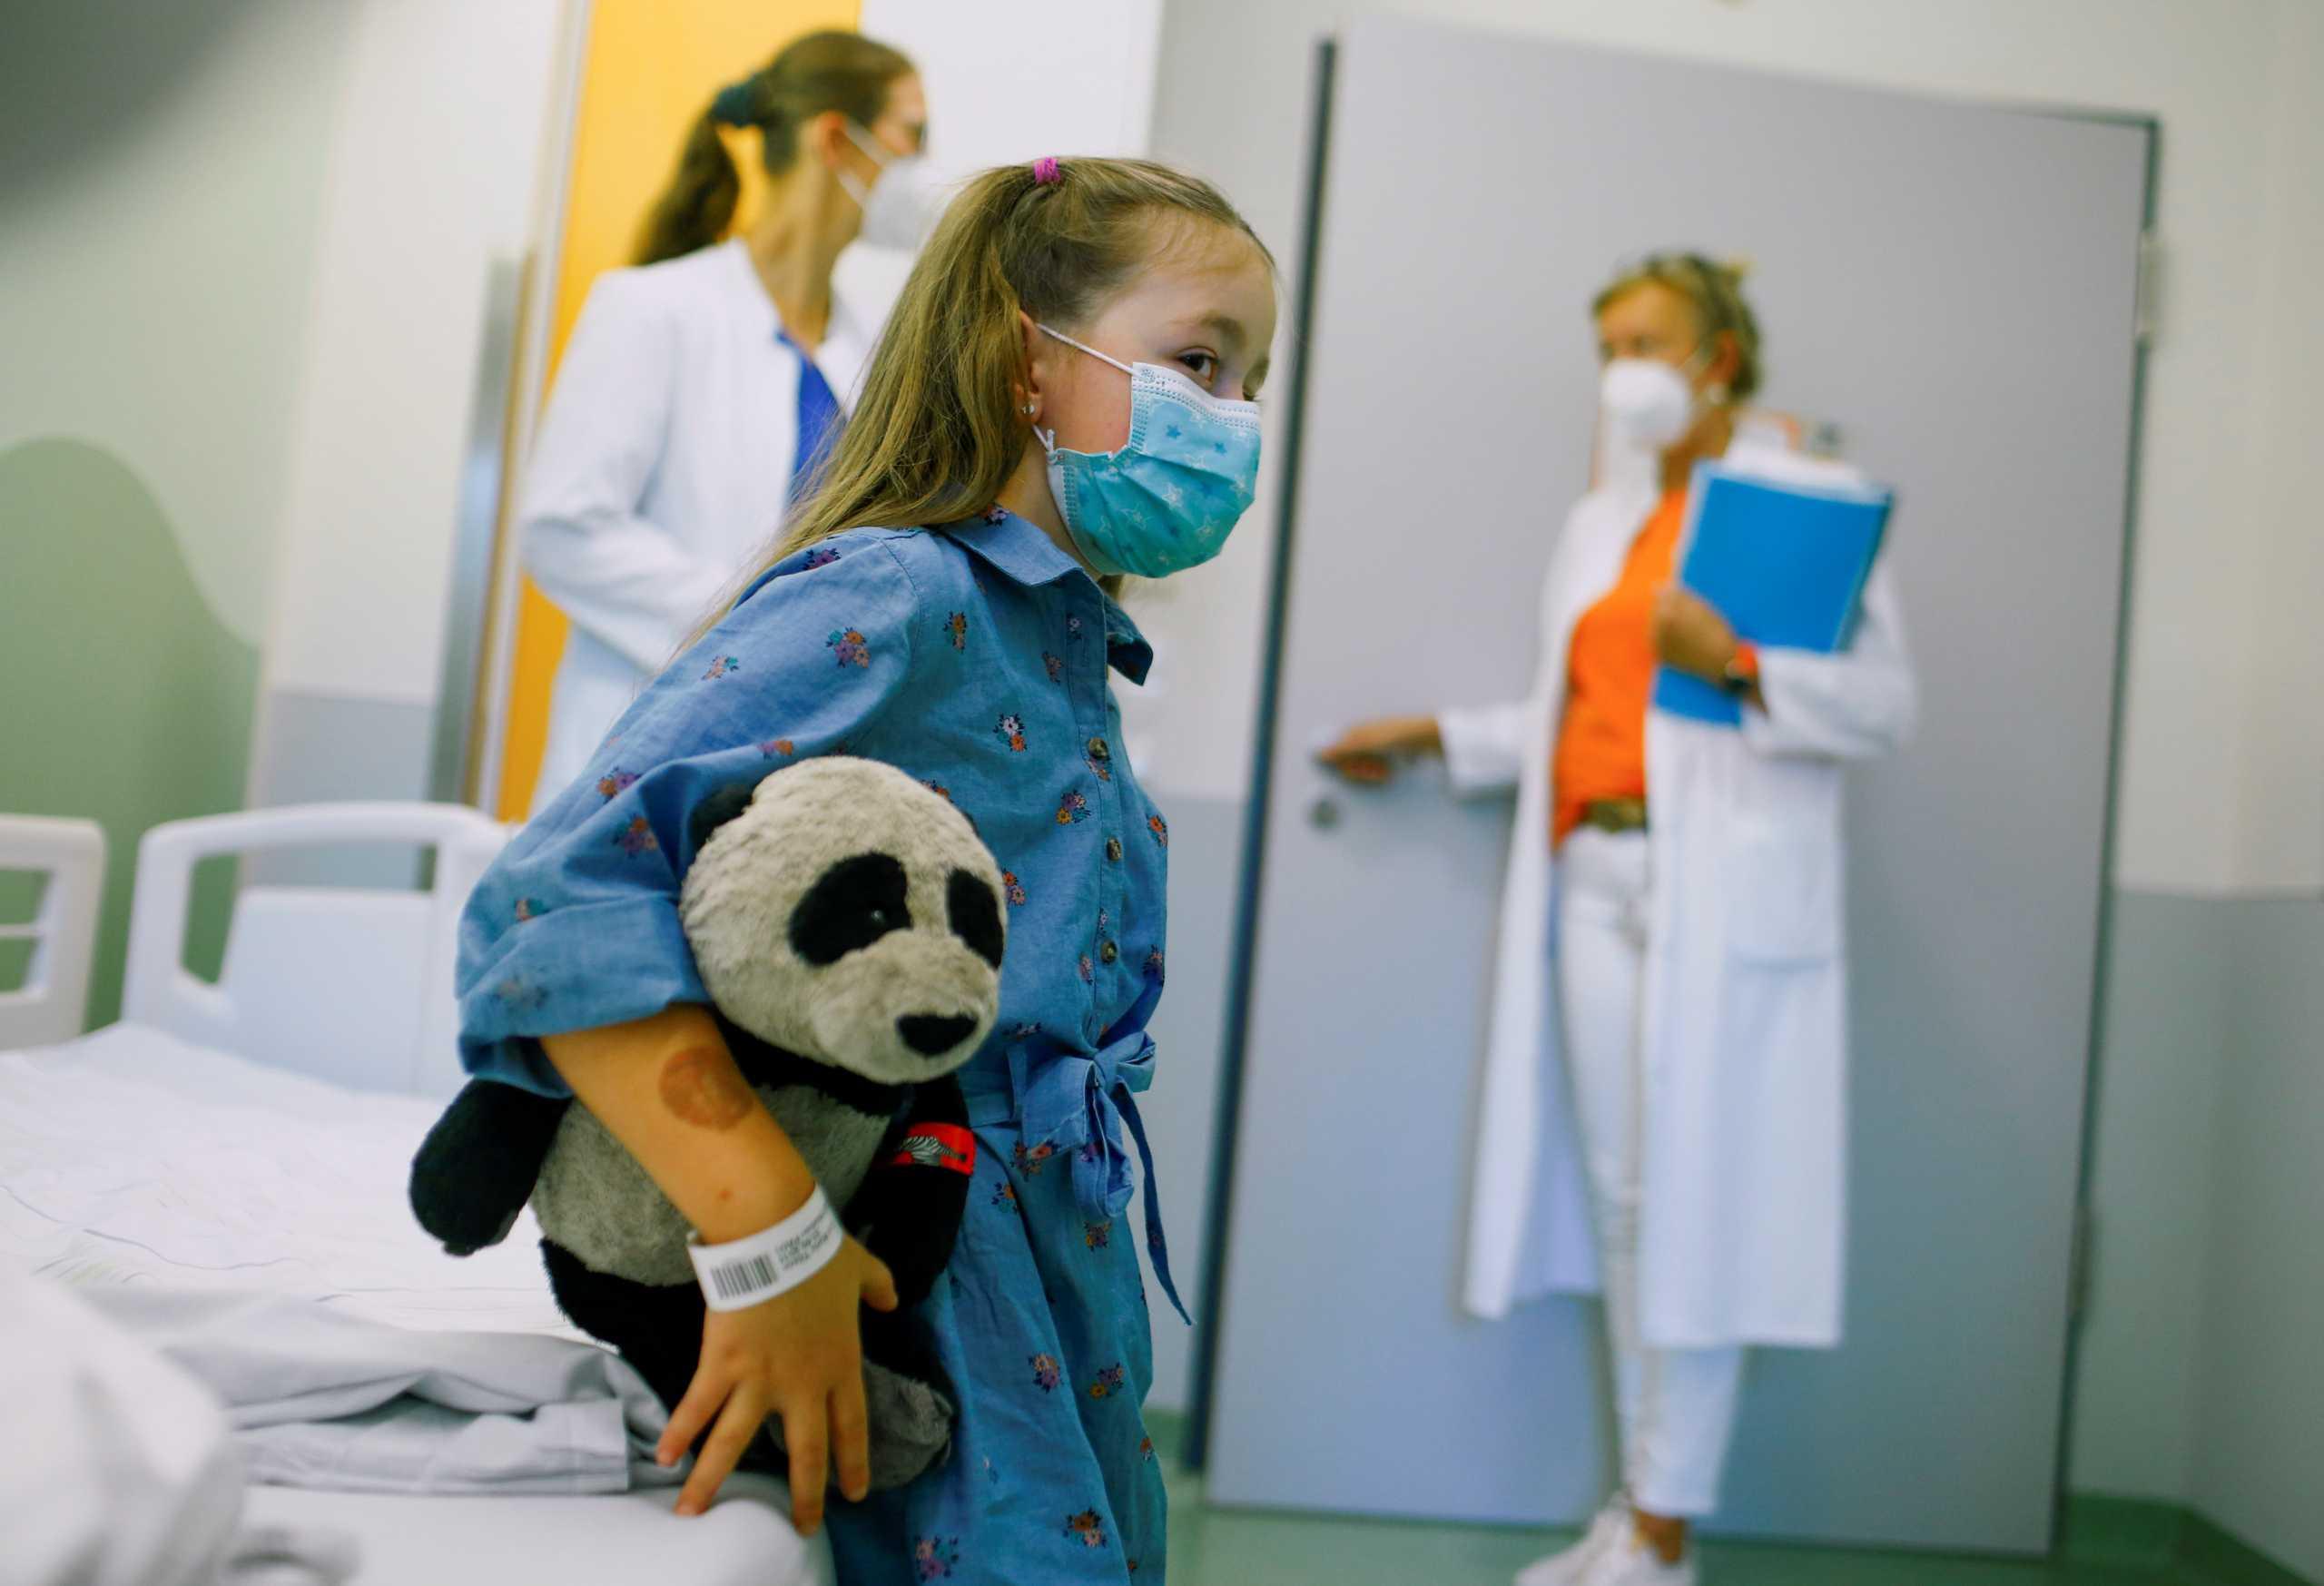 Κορονοϊός: Στην τελική ευθεία το σχέδιο για τις νοσηλείες παιδιών – Ανησυχία «μη γίνουμε ΗΠΑ»